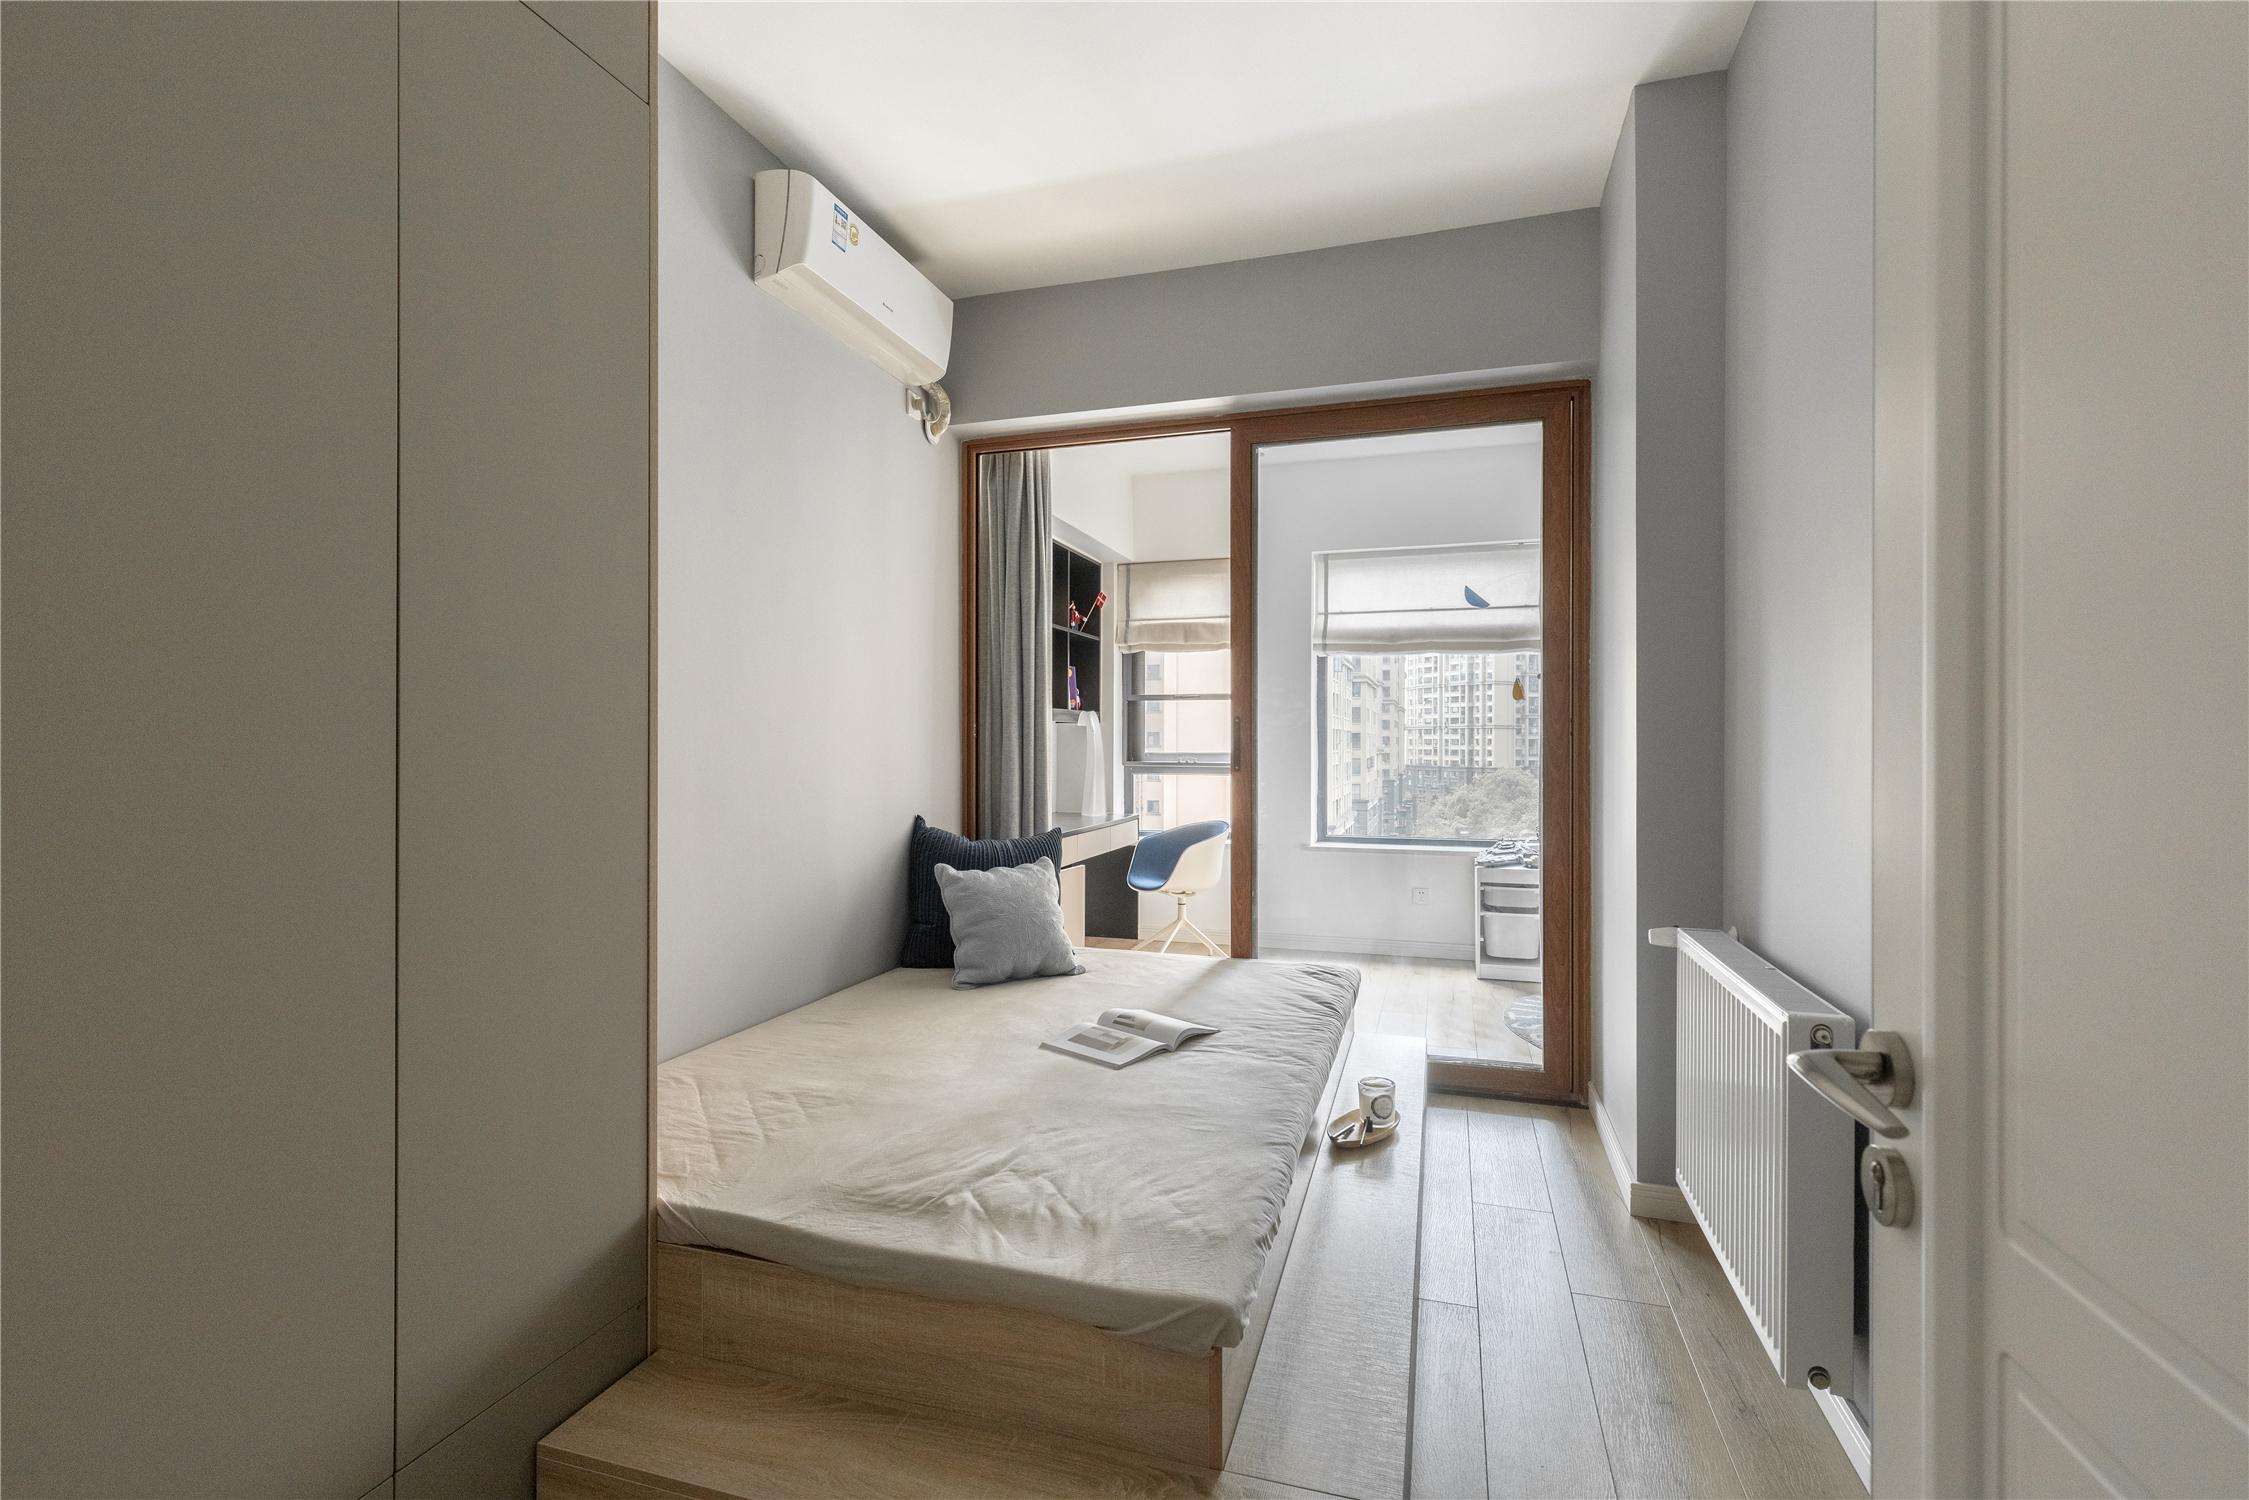 115㎡三居室装修地台床设计